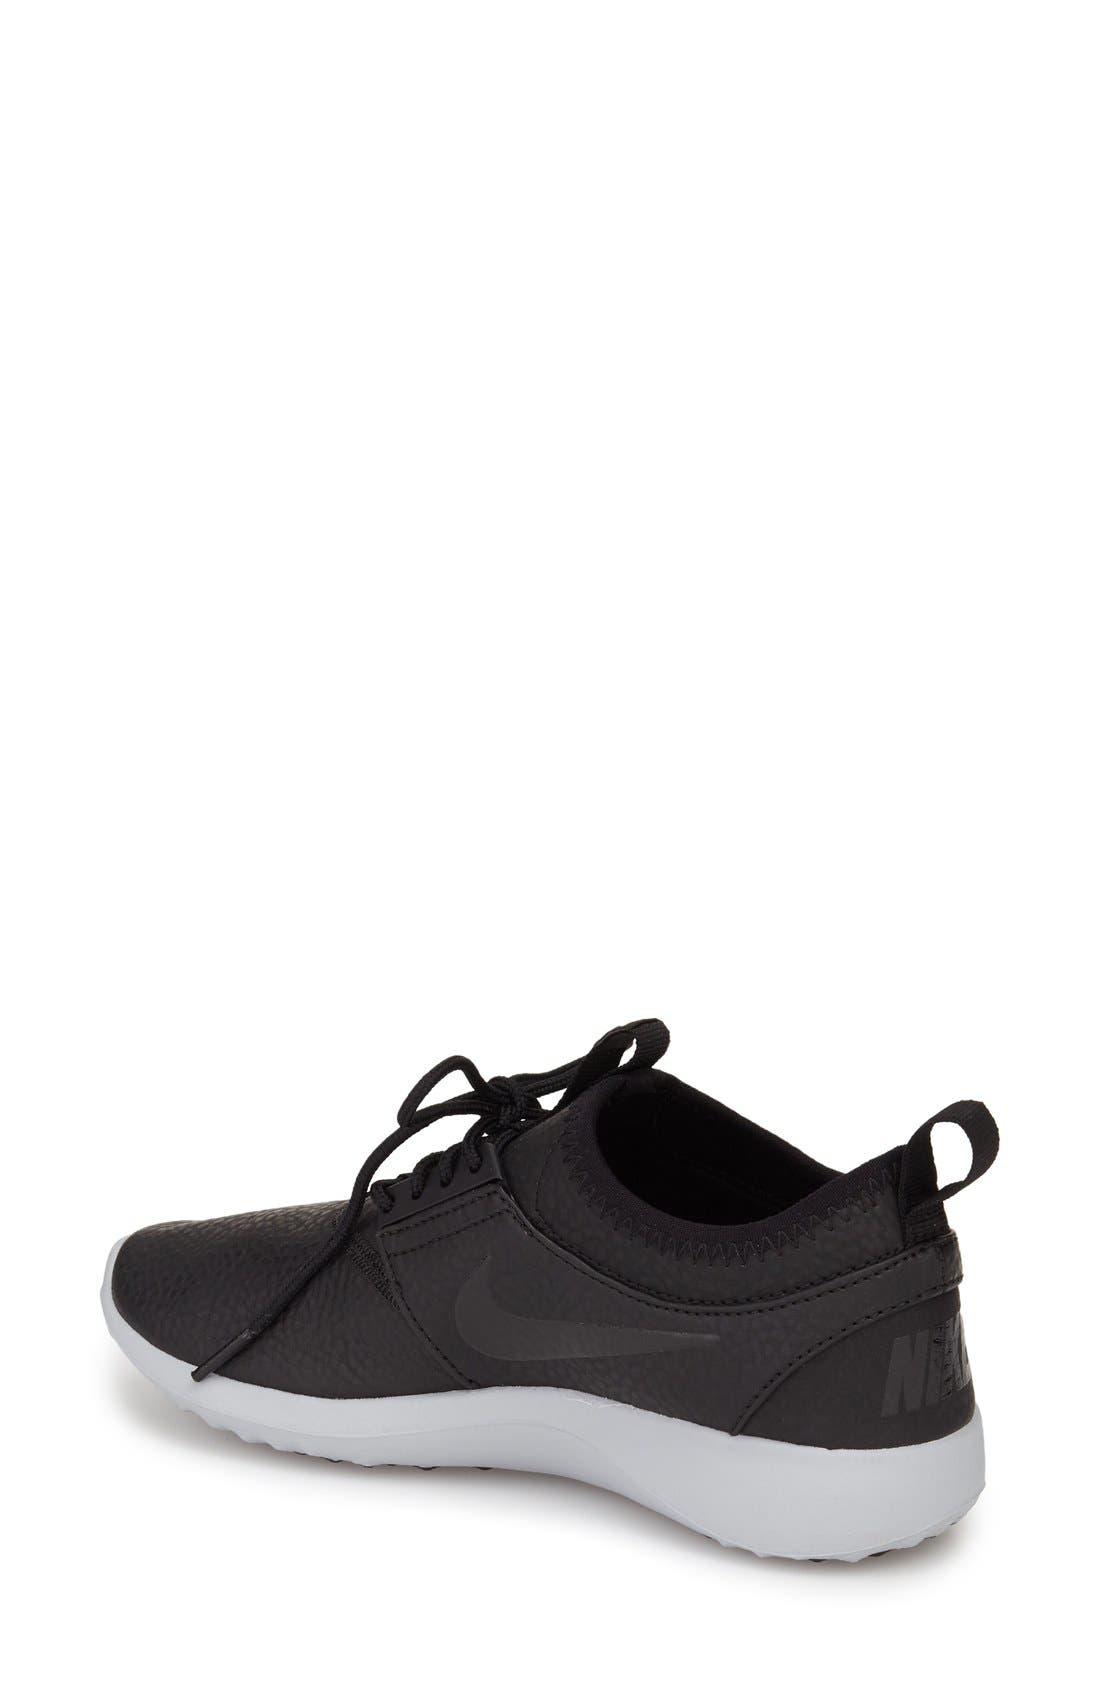 Alternate Image 2  - Nike 'Juvenate' Sneaker (Women)